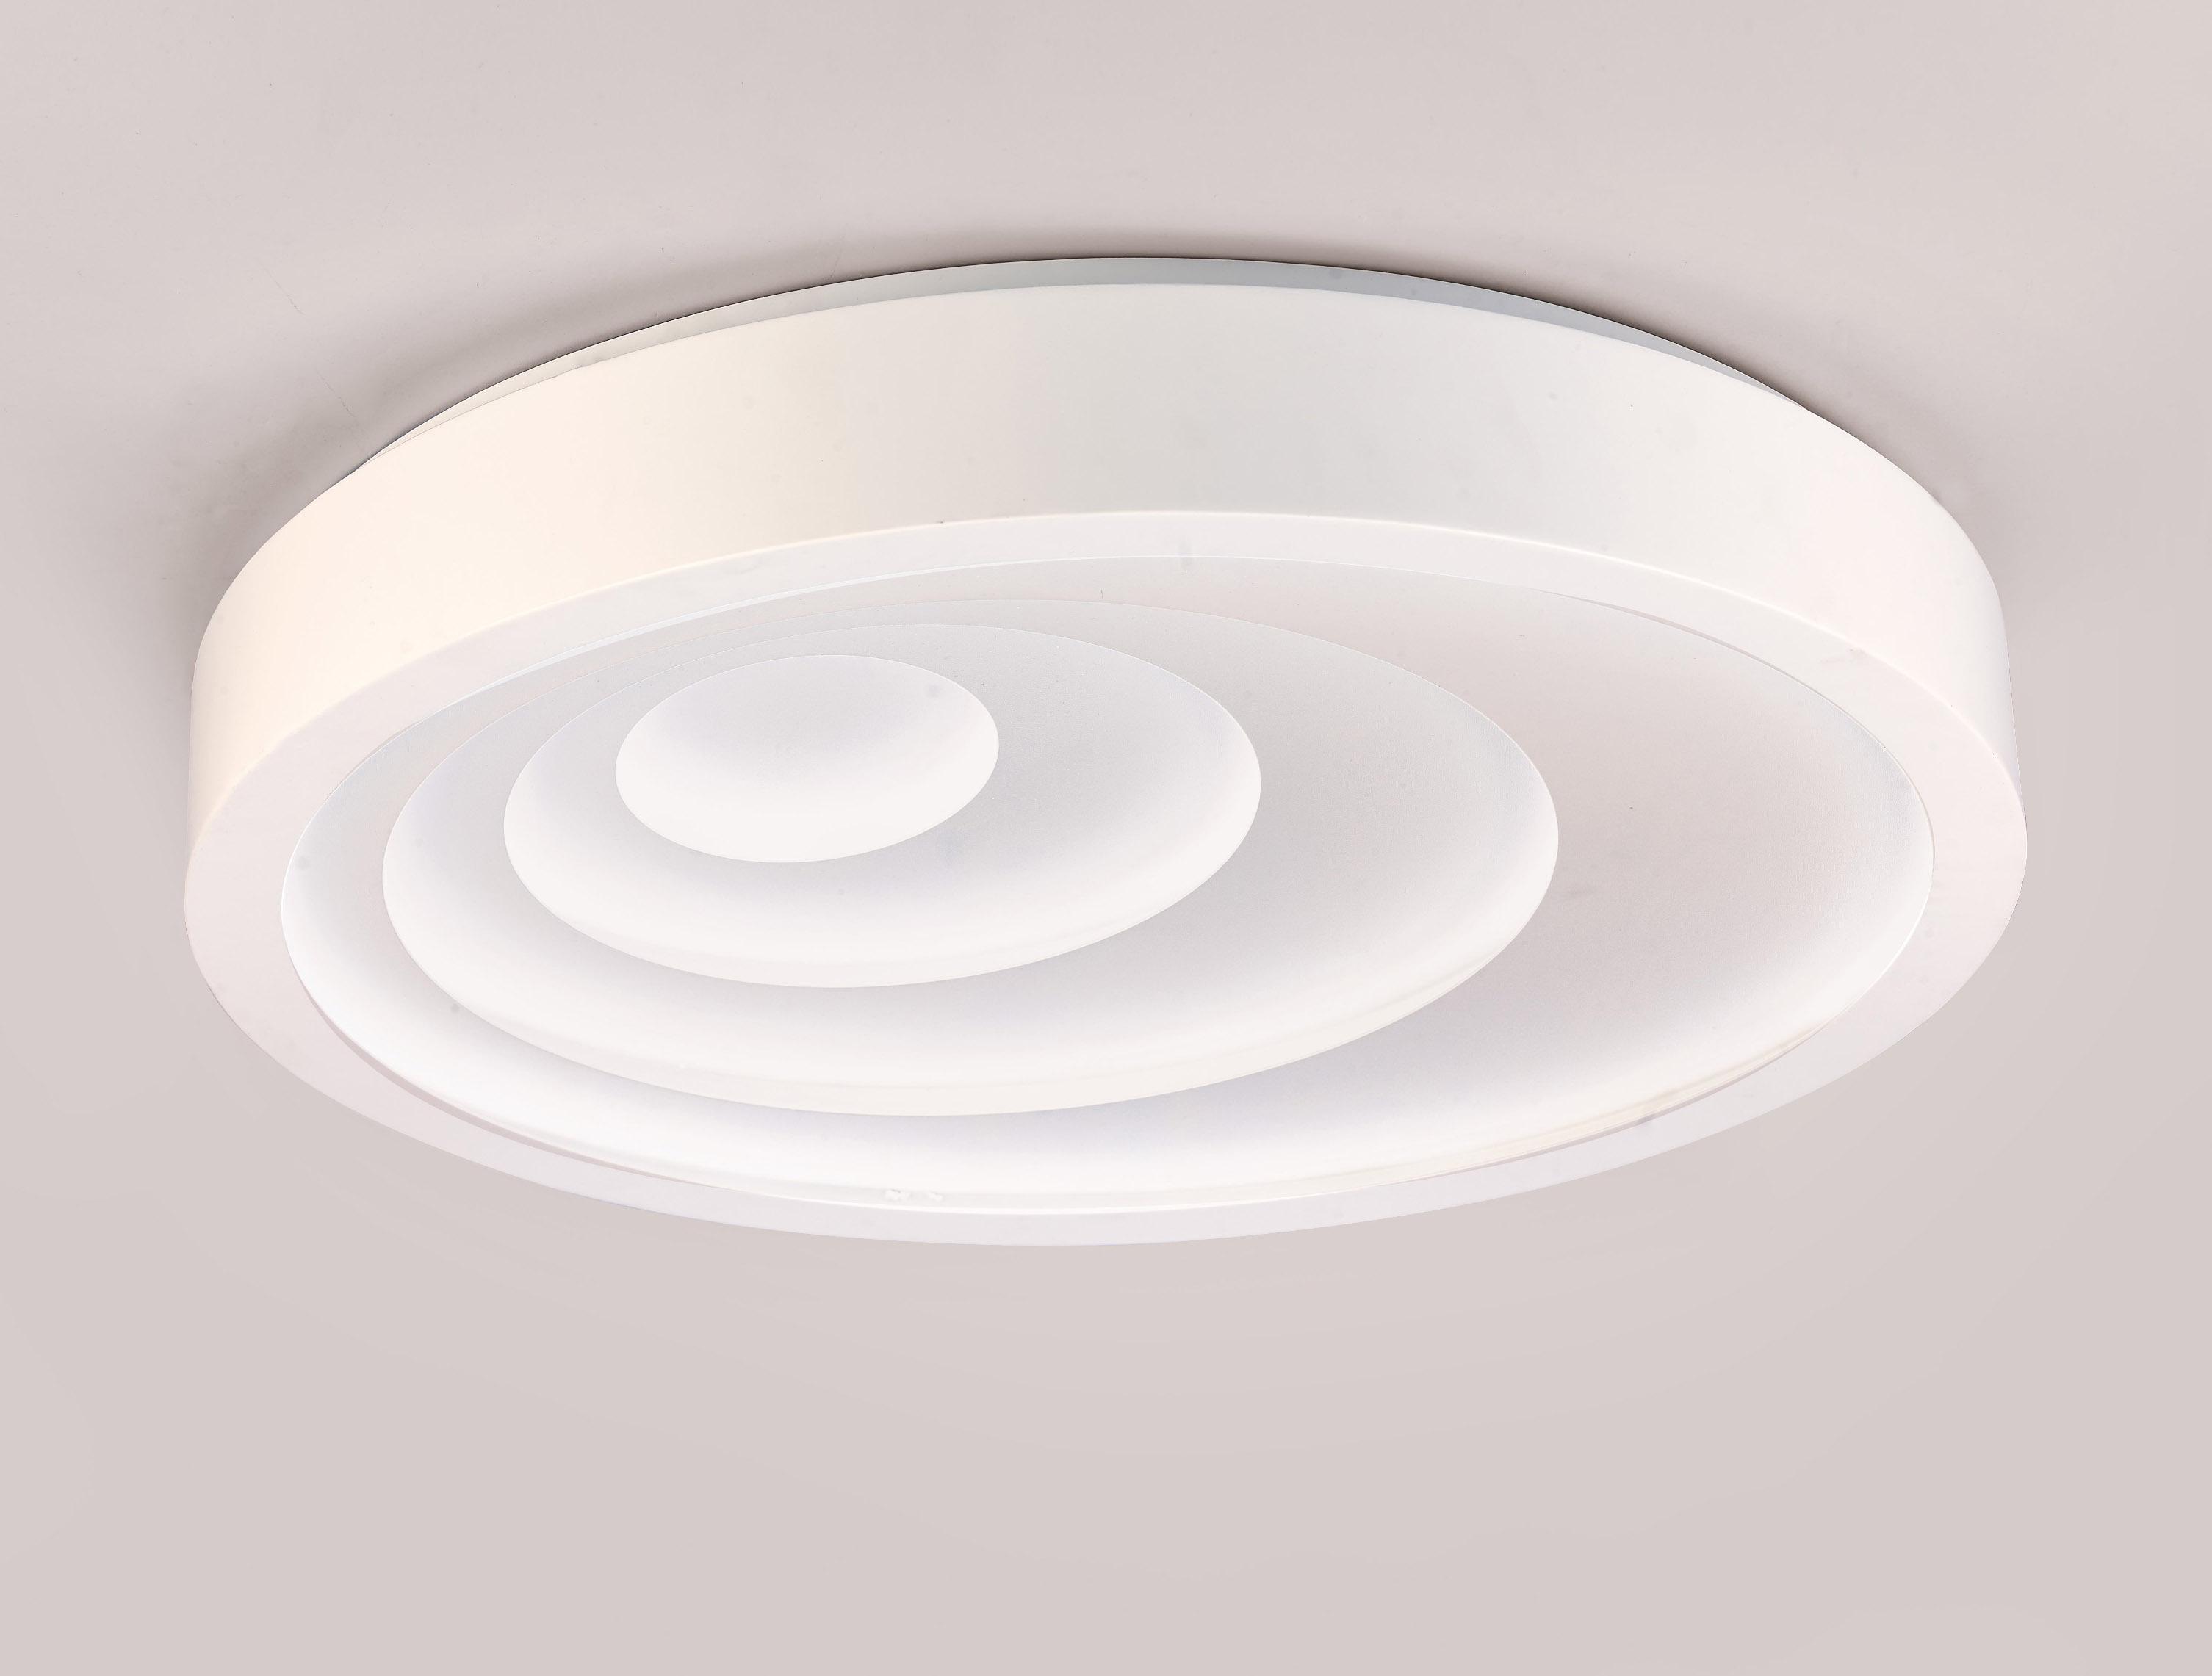 למעלה ST6 גוף תאורה צמוד תקרה דקורטיבי לד - א.ר שיווק גופי תאורה TS-59